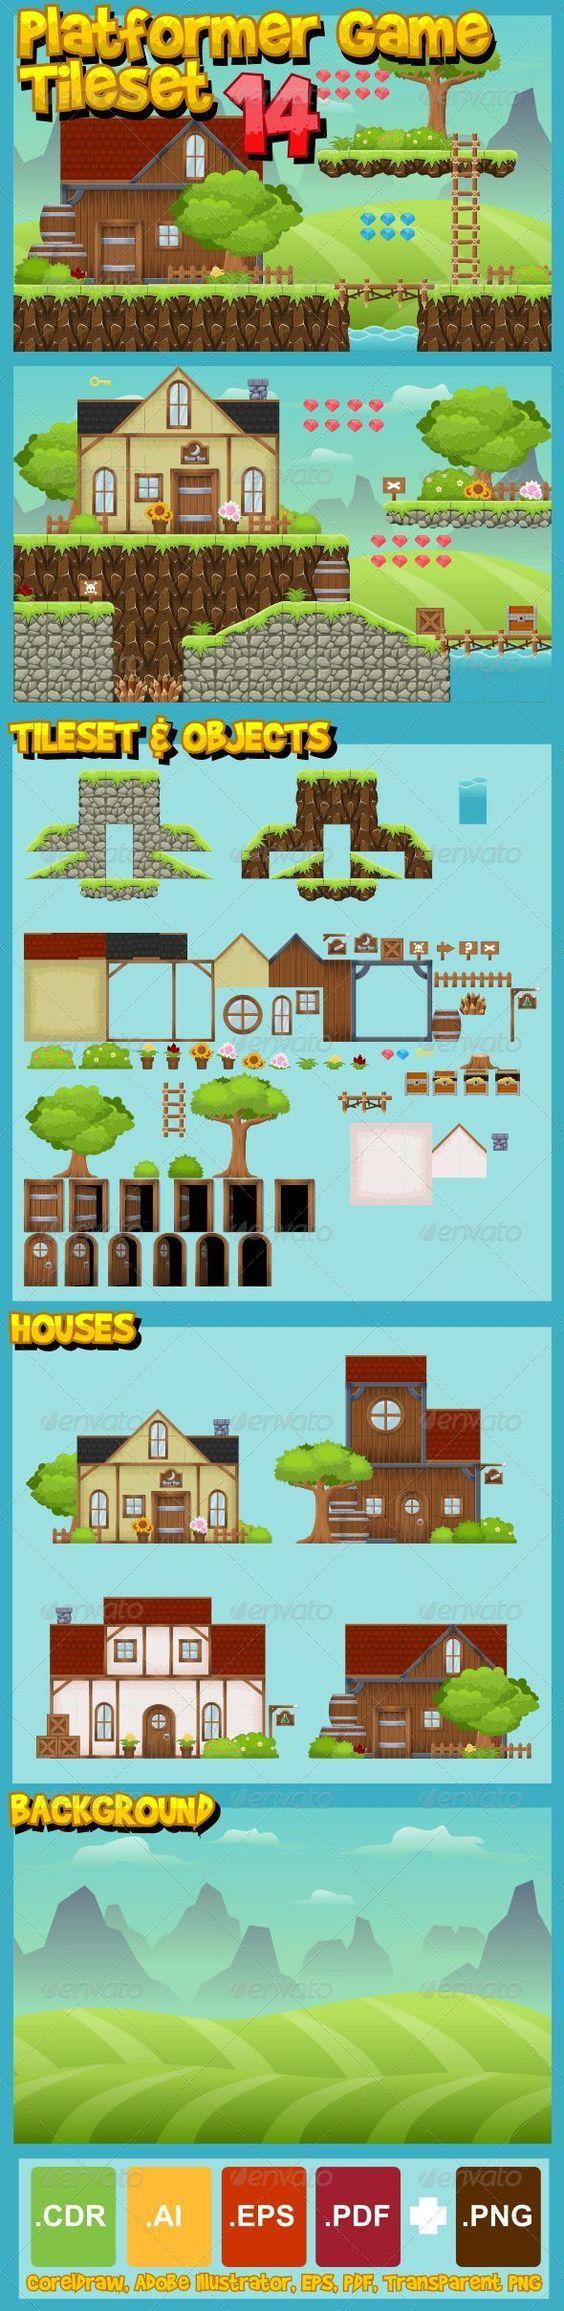 diseo juegos contexto casas baldosas juego juego de fichas de plataformas juegos de plataformas accin y fantasa estudios tileset spritesheet